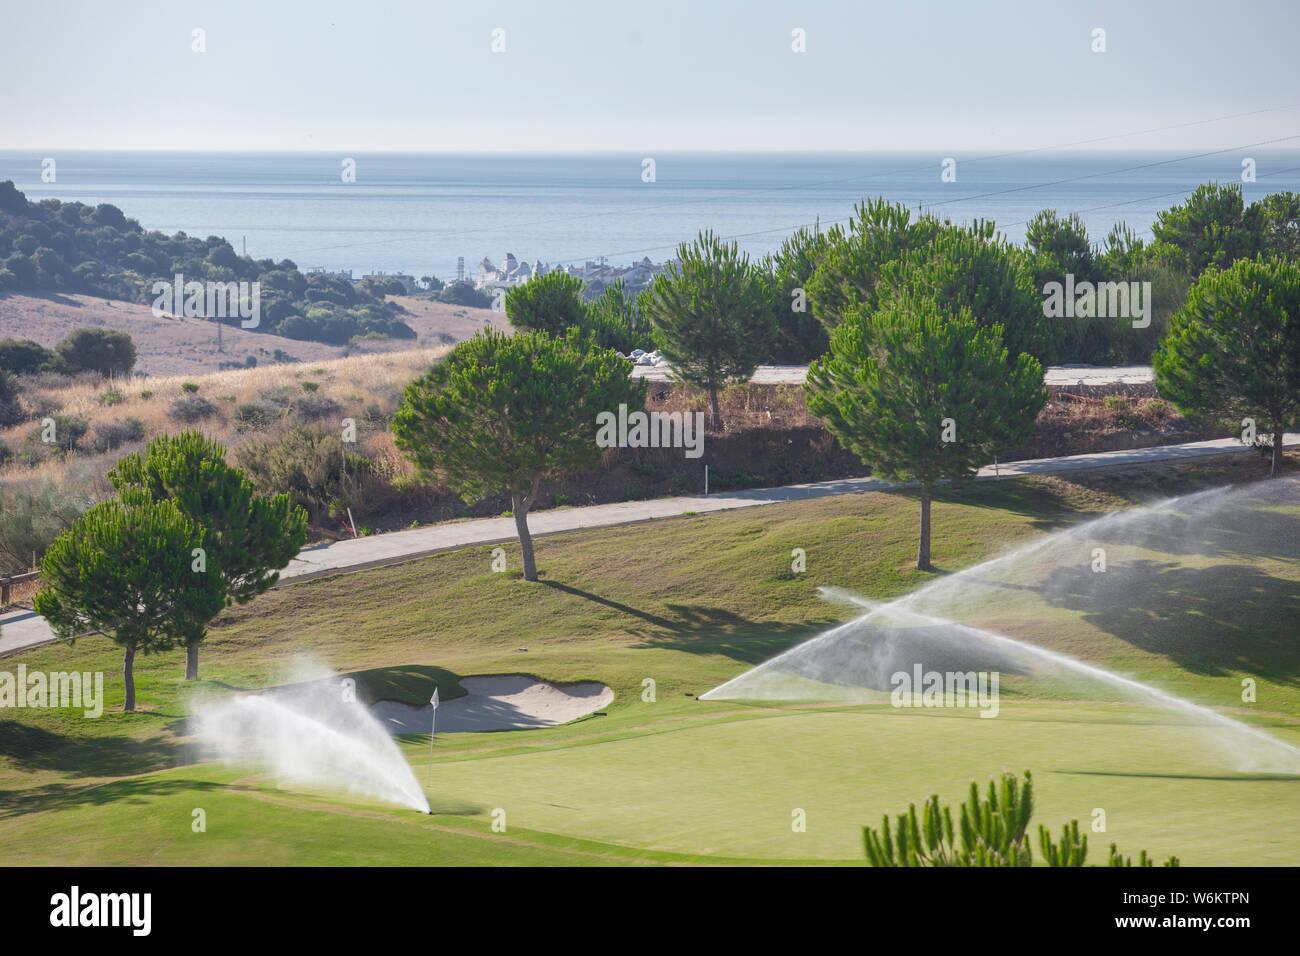 Sistema de riego Aspersores trabajando en el verde del campo de golf. La Costa del Sol, Málaga, España Foto de stock